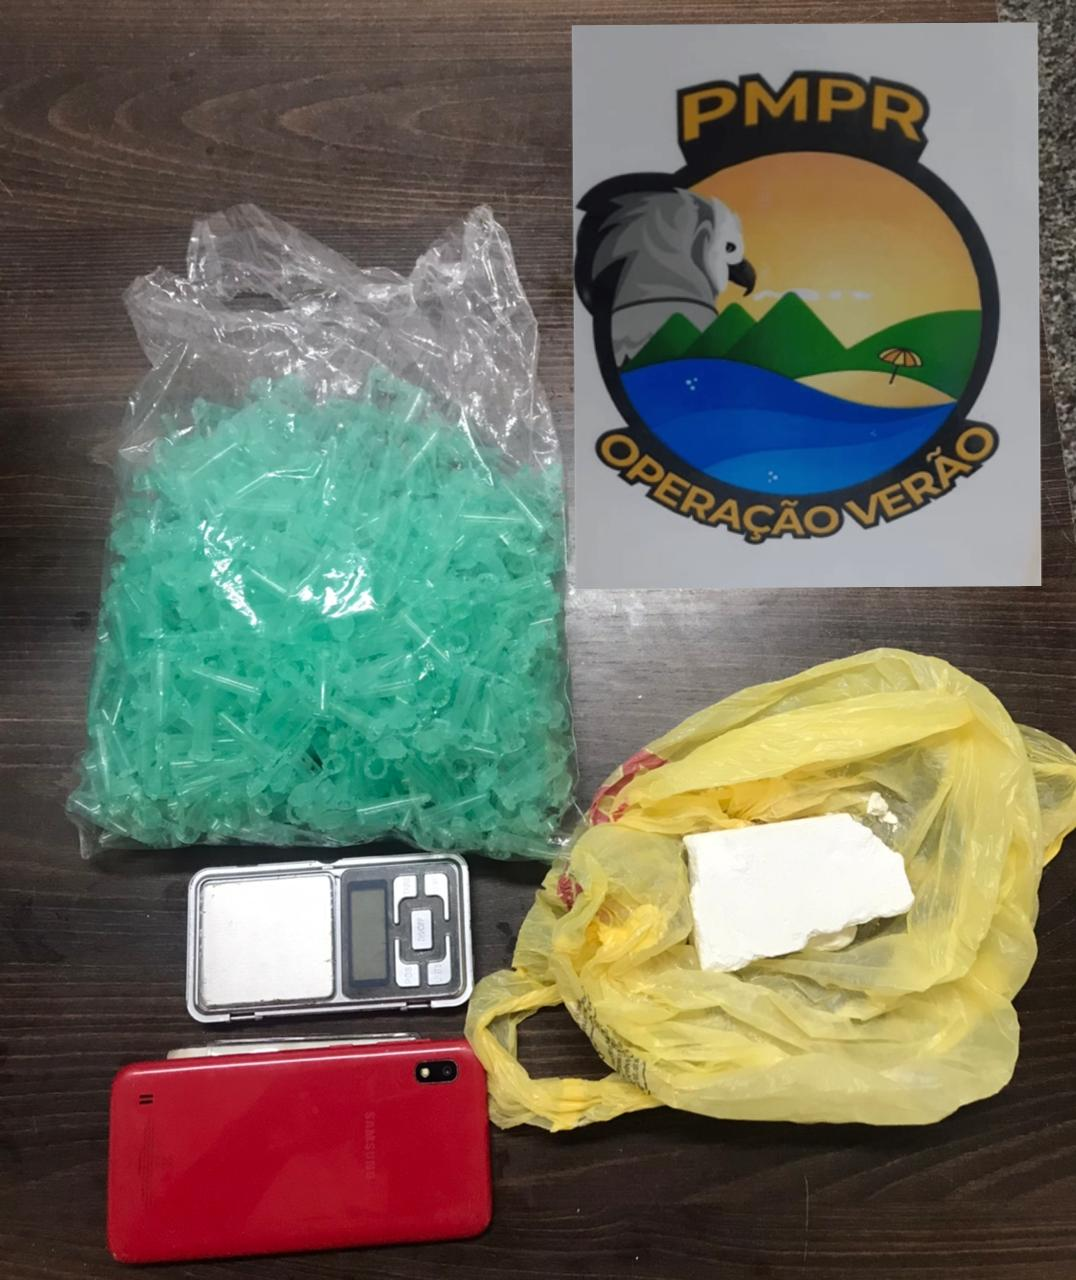 Confronto armado em Matinhos termina com apreensão de pasta base de cocaína